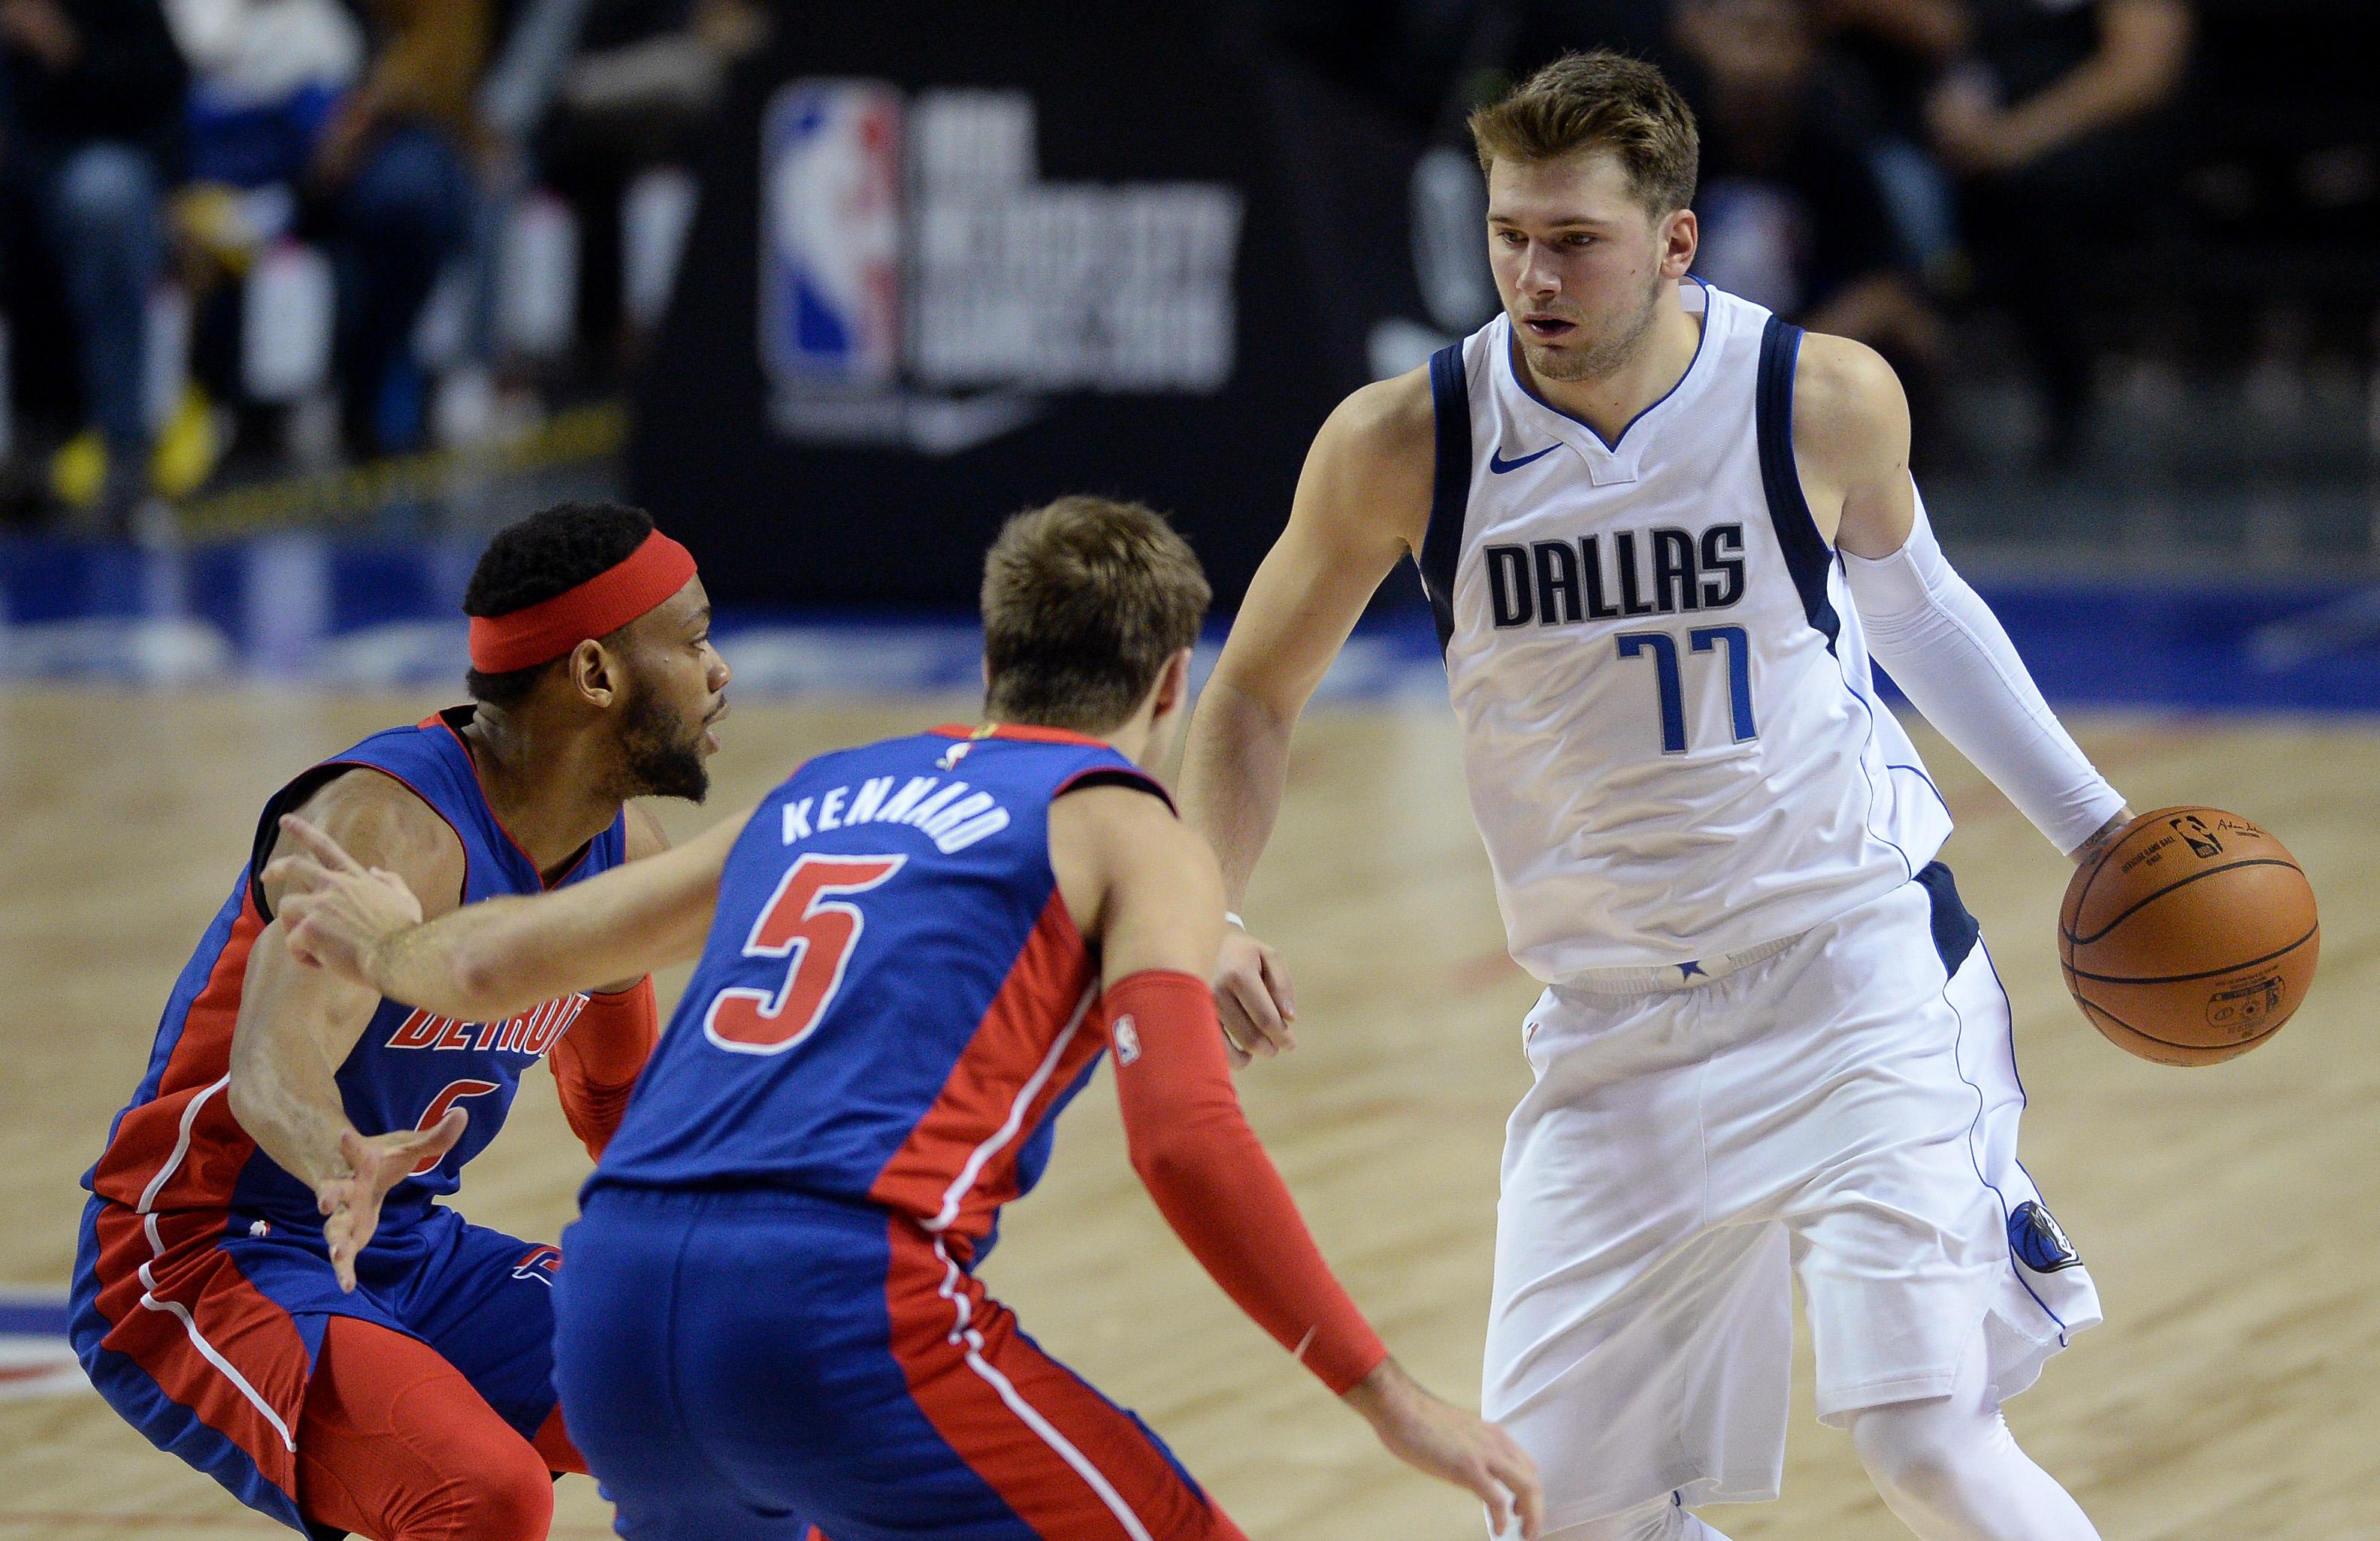 """NBA: Γράφει ιστορία ο Ντόνσιτς! Με νέο triple double και 40άρα """"έσπασε"""" τα κοντέρ (video)"""